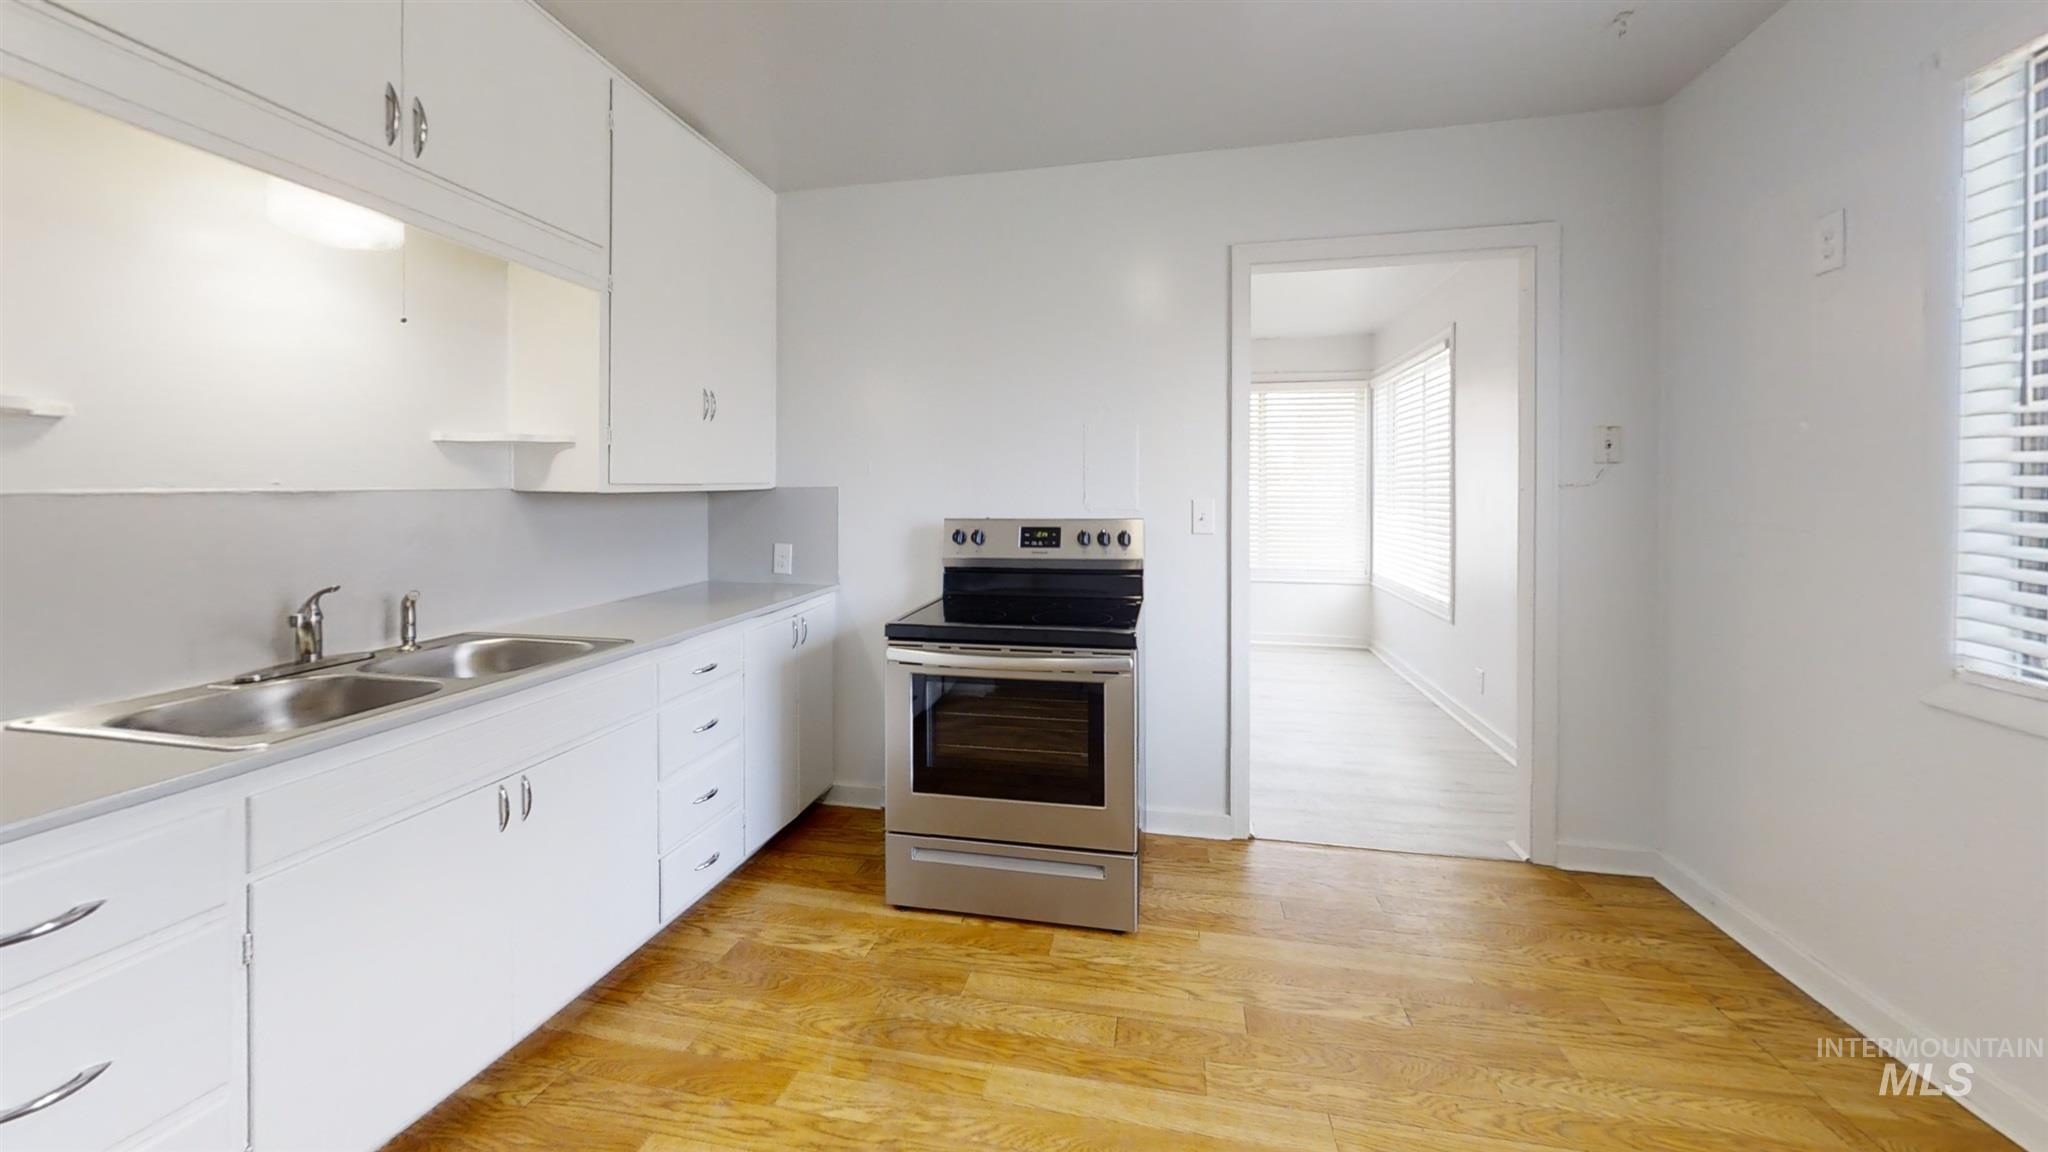 697 S Stout Property Photo 11